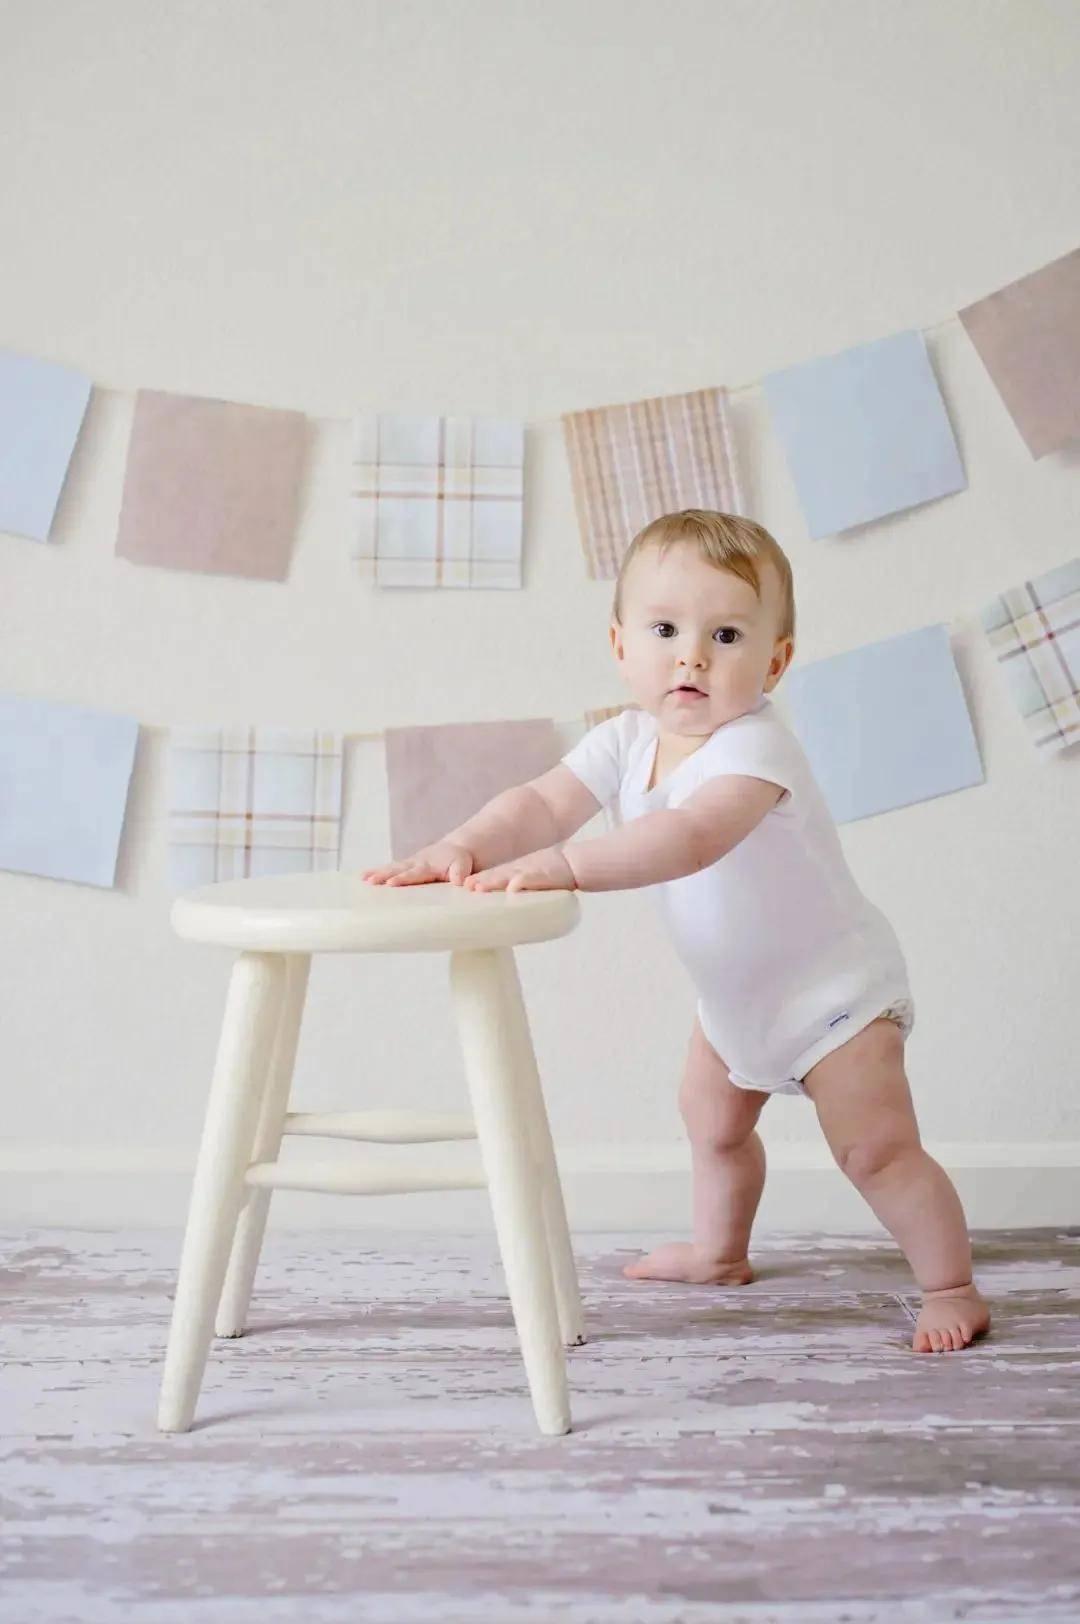 新手爸妈的养育小知识技巧大放送 新生儿0~100天最需警惕的50个隐患